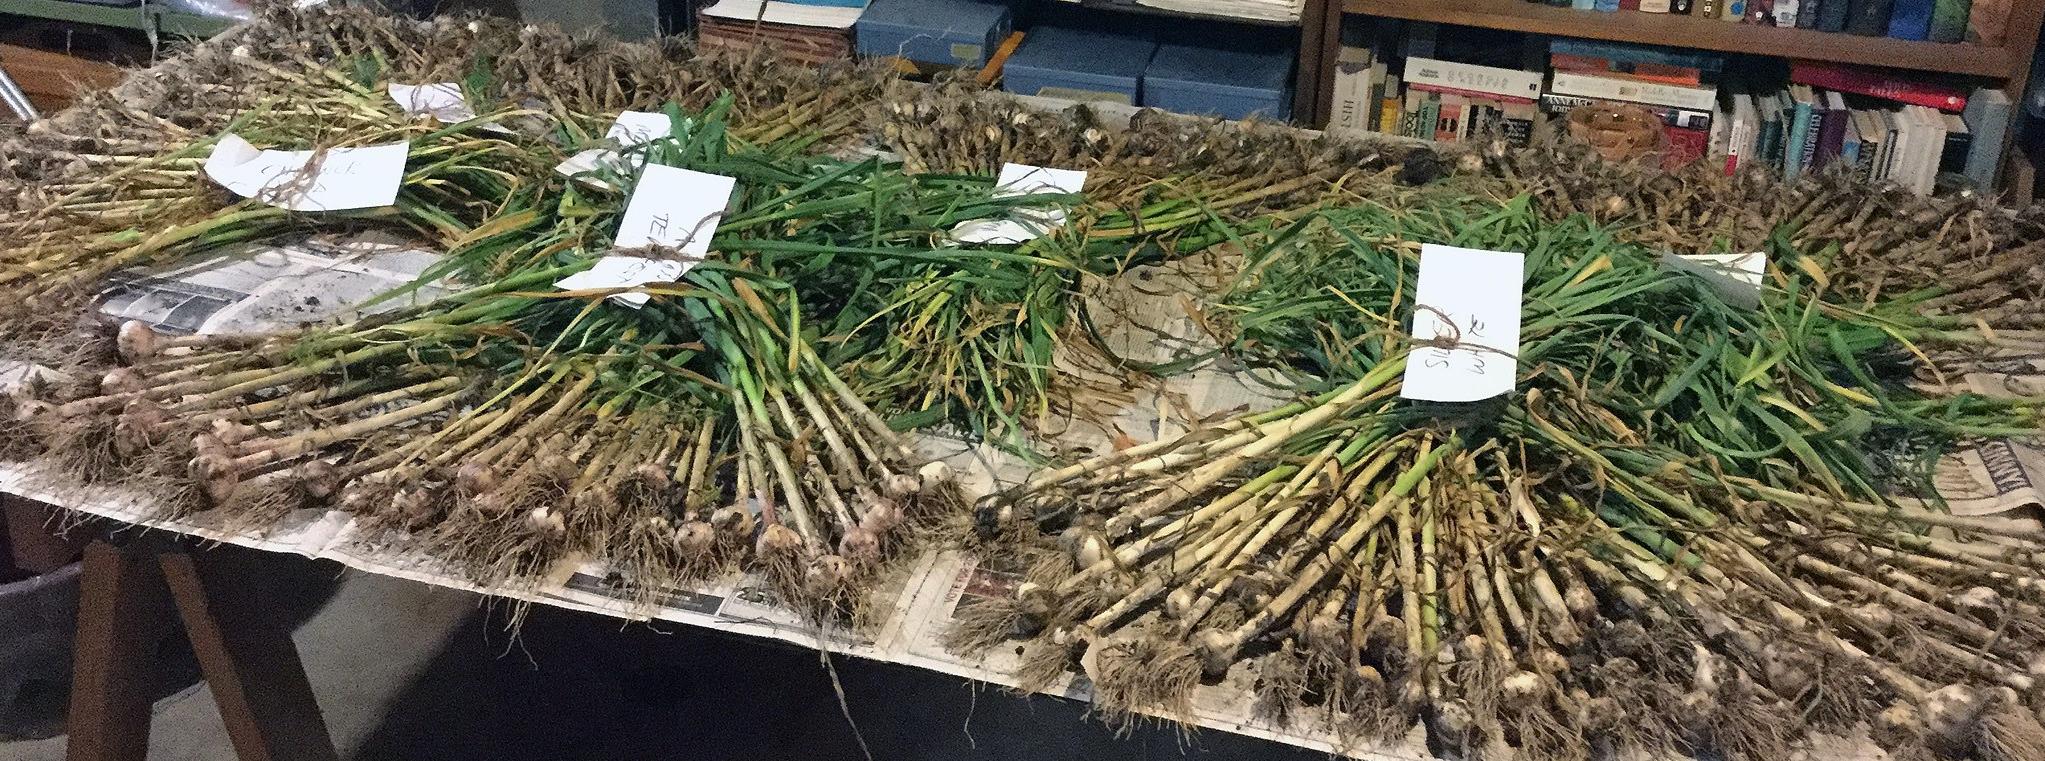 garlic-harvest3-6-21-17crop_res.jpg